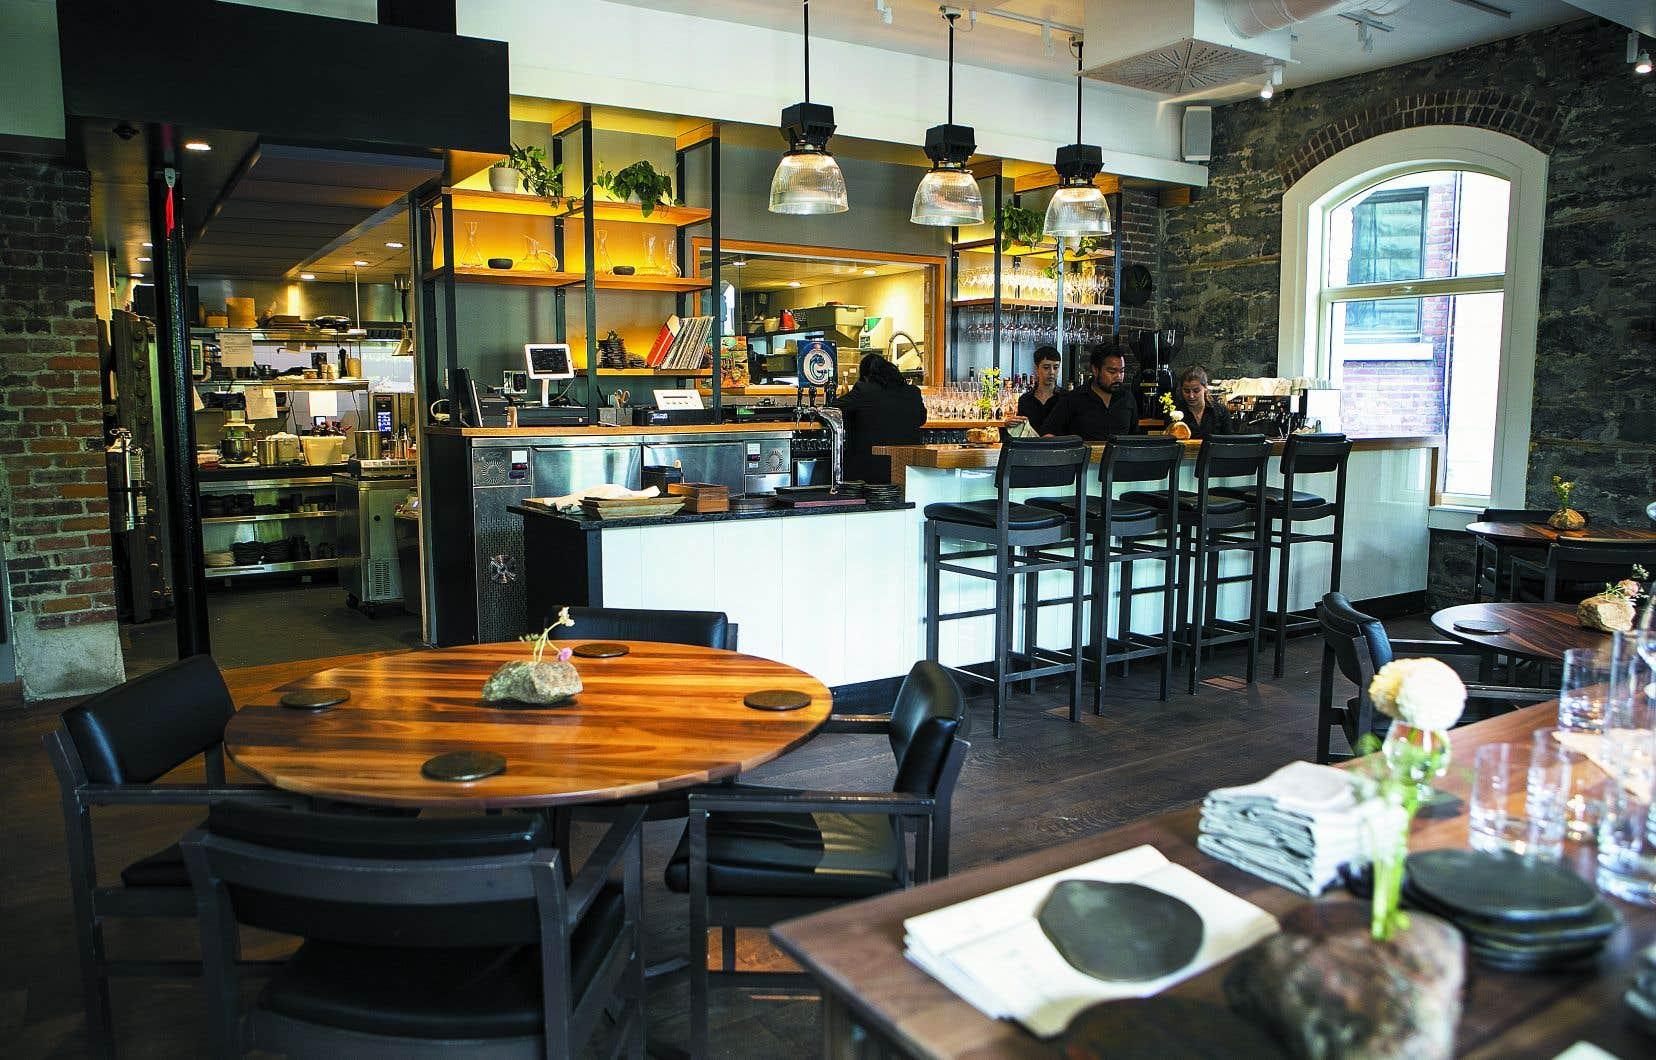 De nouvelles tables rondes en bois sont disposées au centre de la pièce de façon à accommoder non plus une cinquantaine, mais plutôt une trentaine de convives seulement.